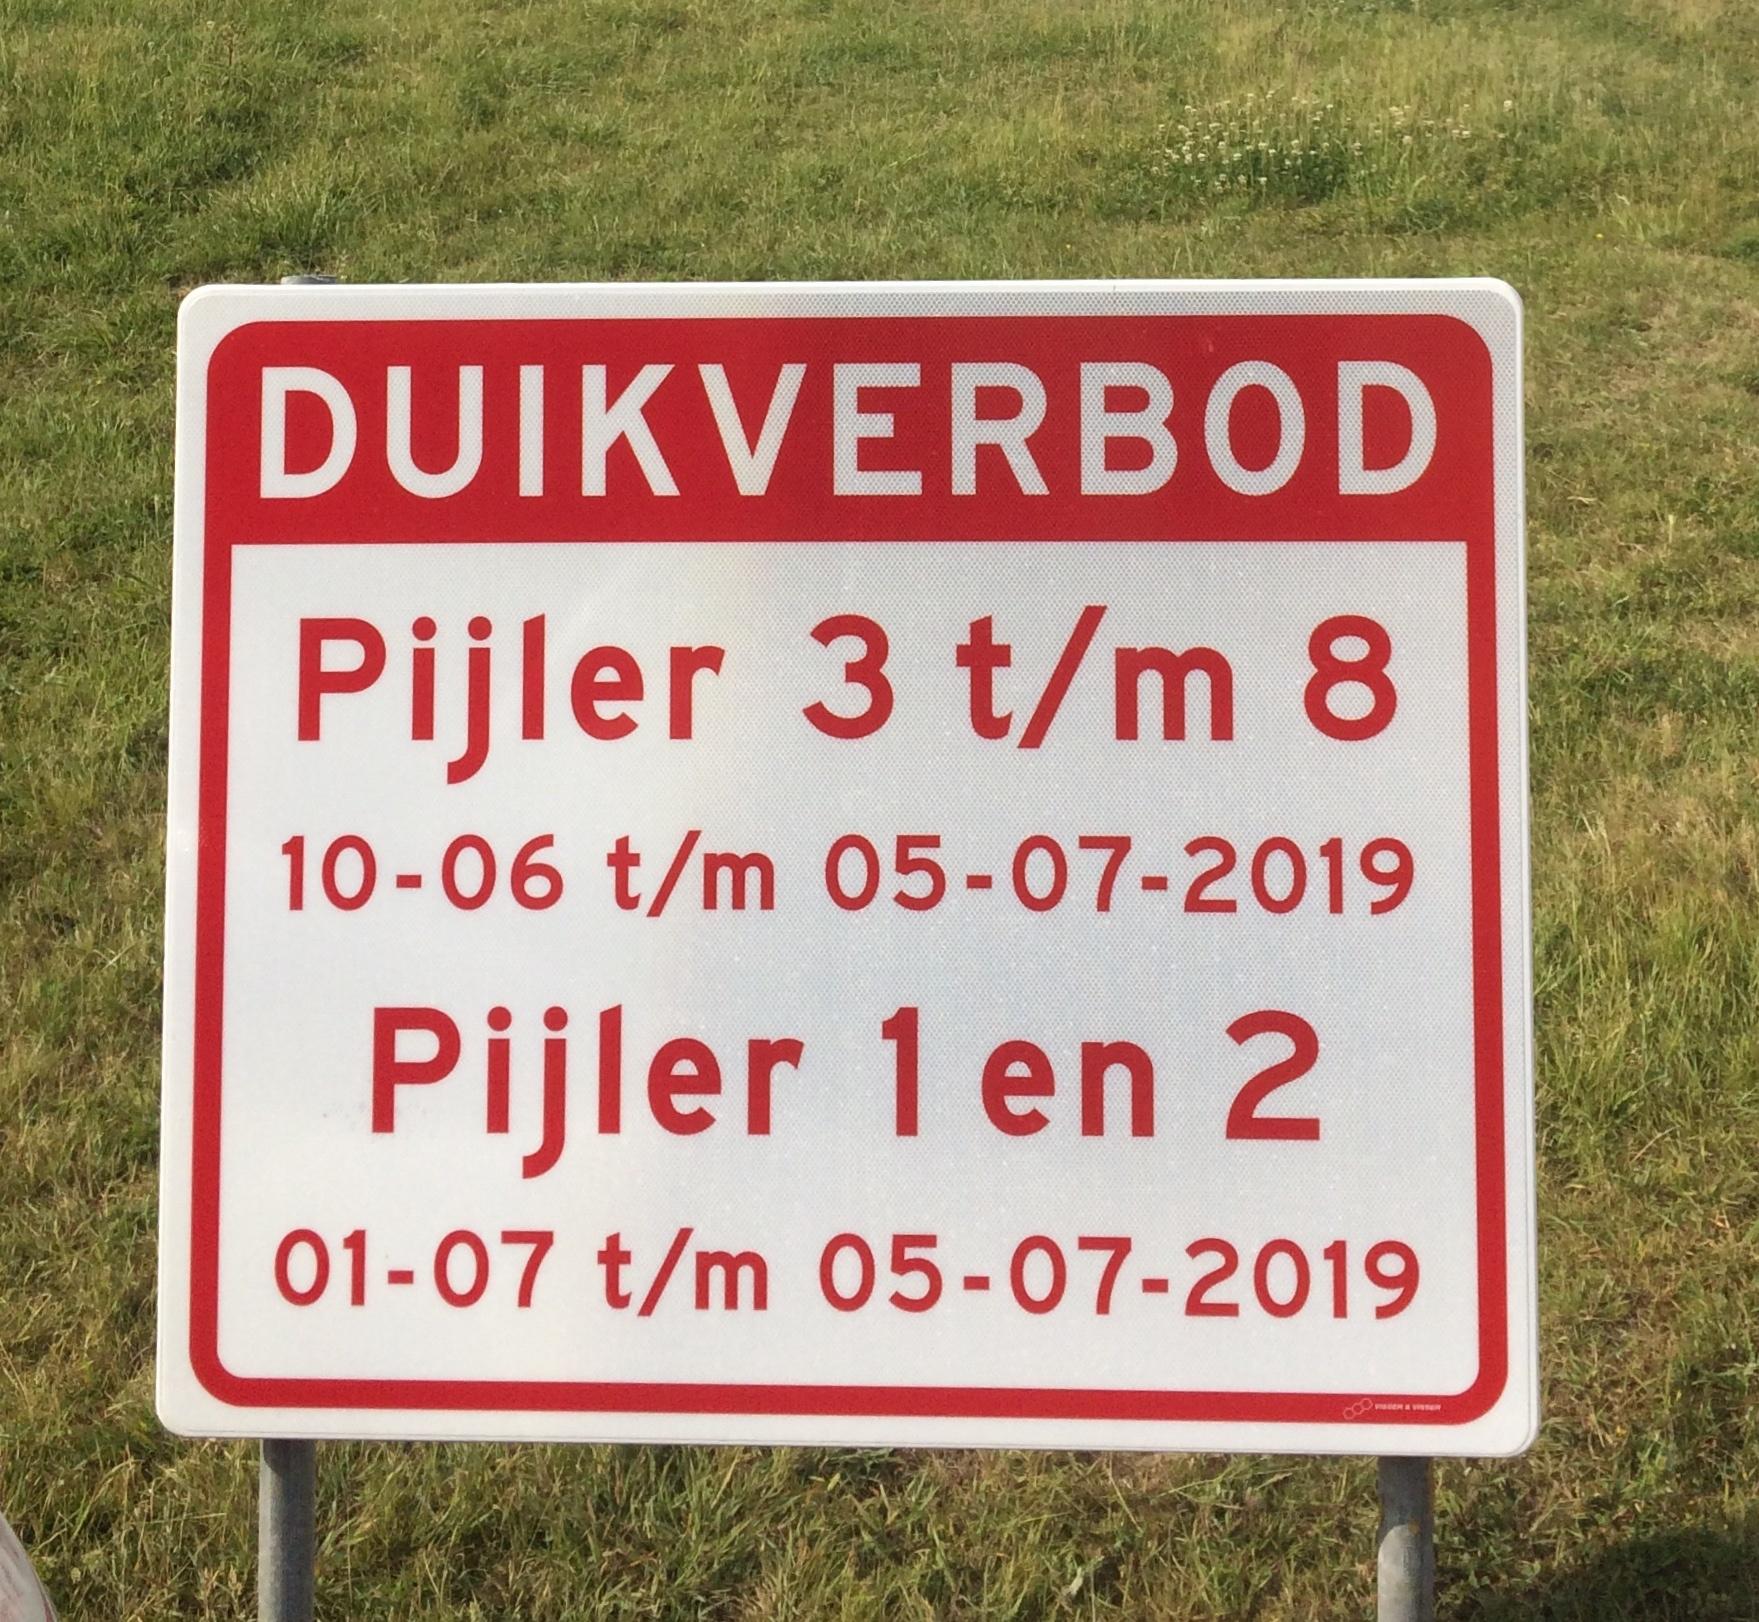 Duikverboden in Zeeland zomer 2019